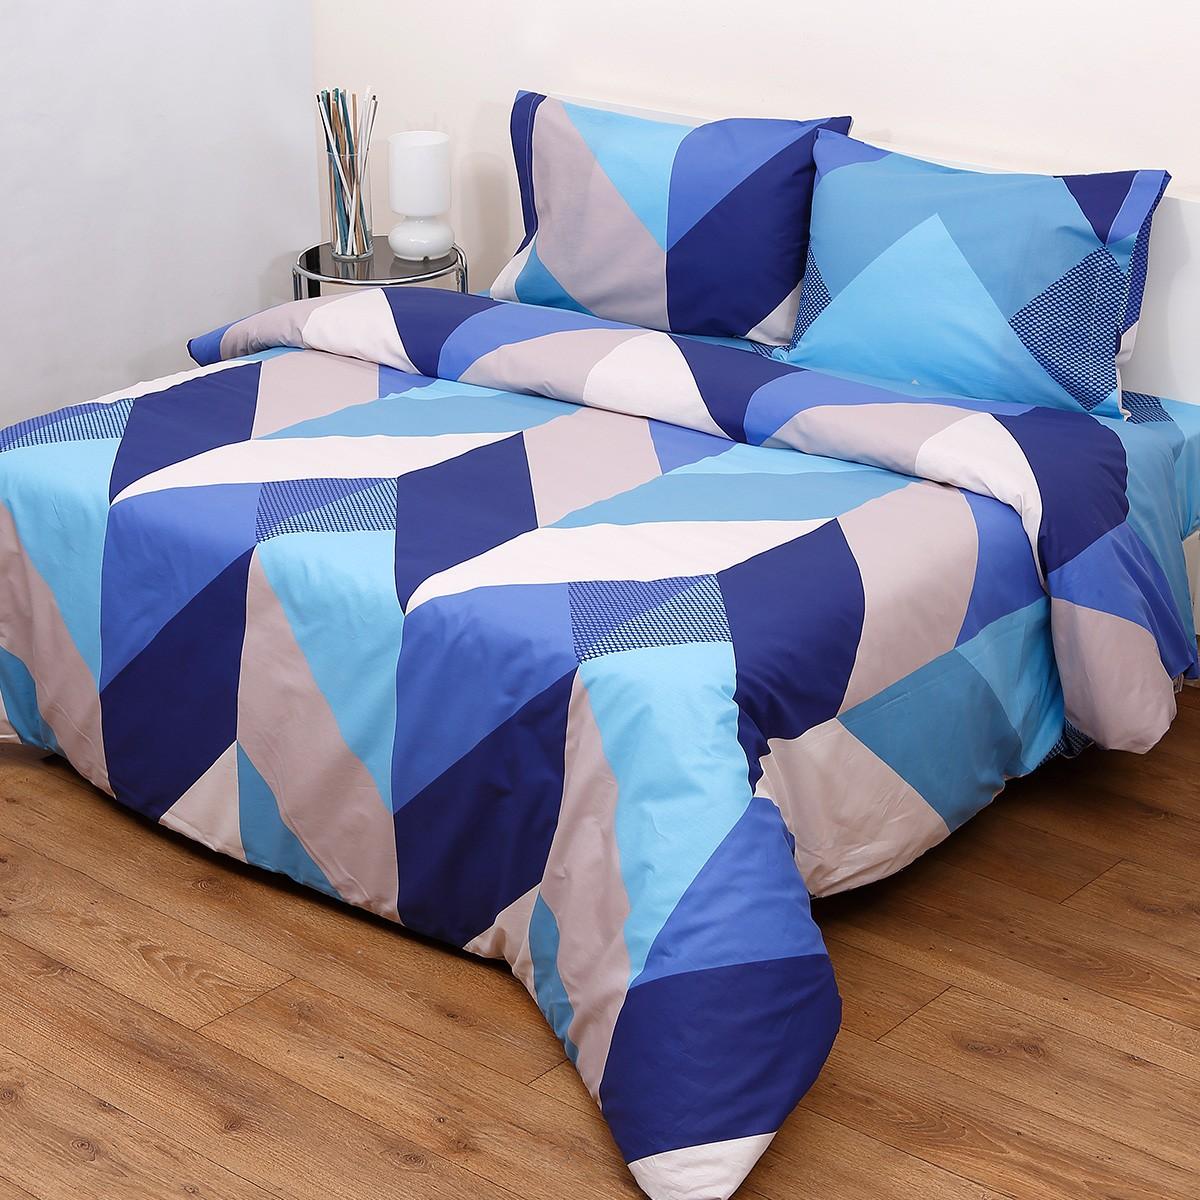 Παπλωματοθήκη Ημίδιπλη (Σετ) Viopros Fresh Ένζο Μπλε 71826